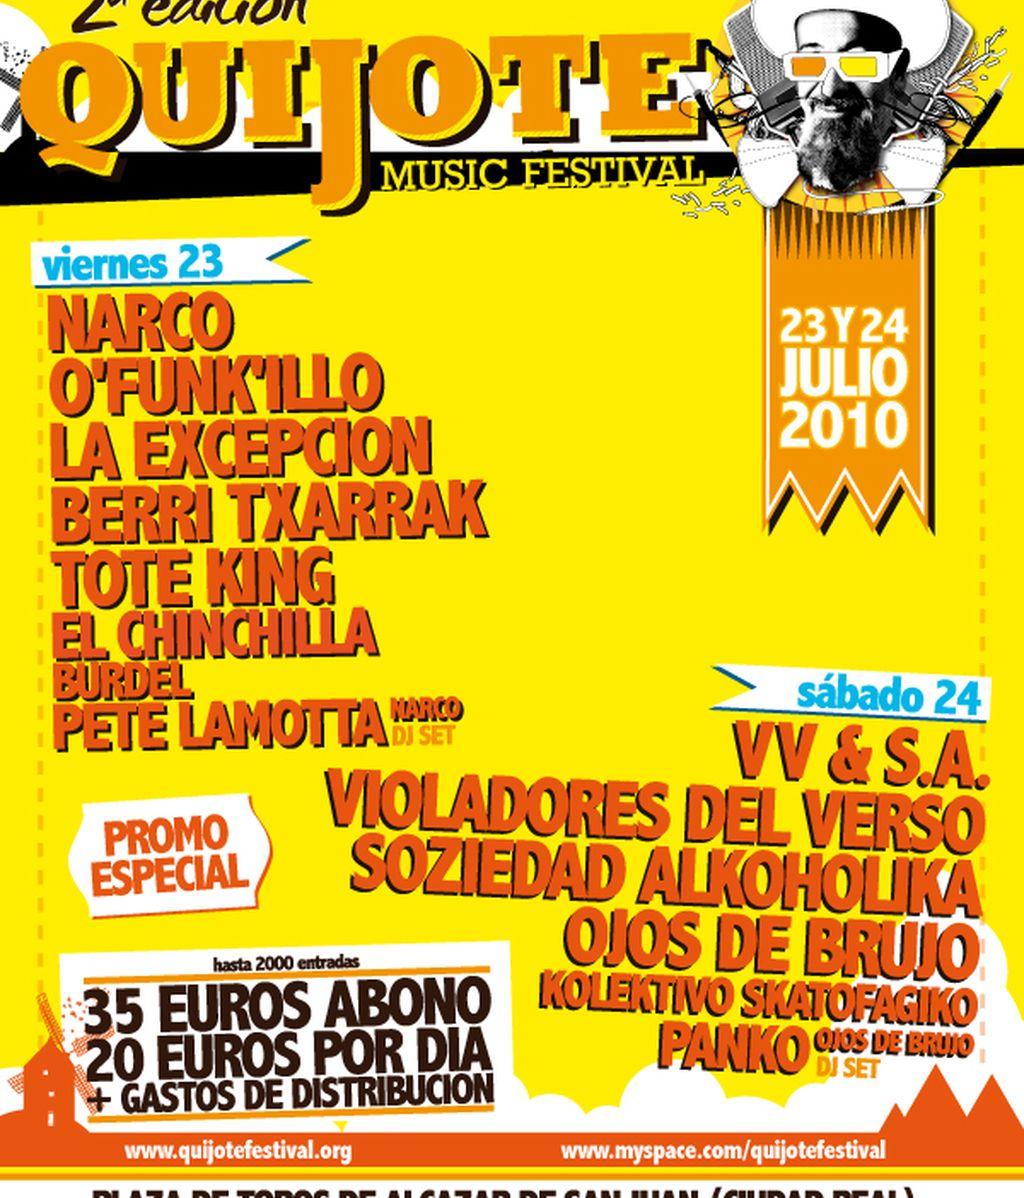 Quijote Music Festival